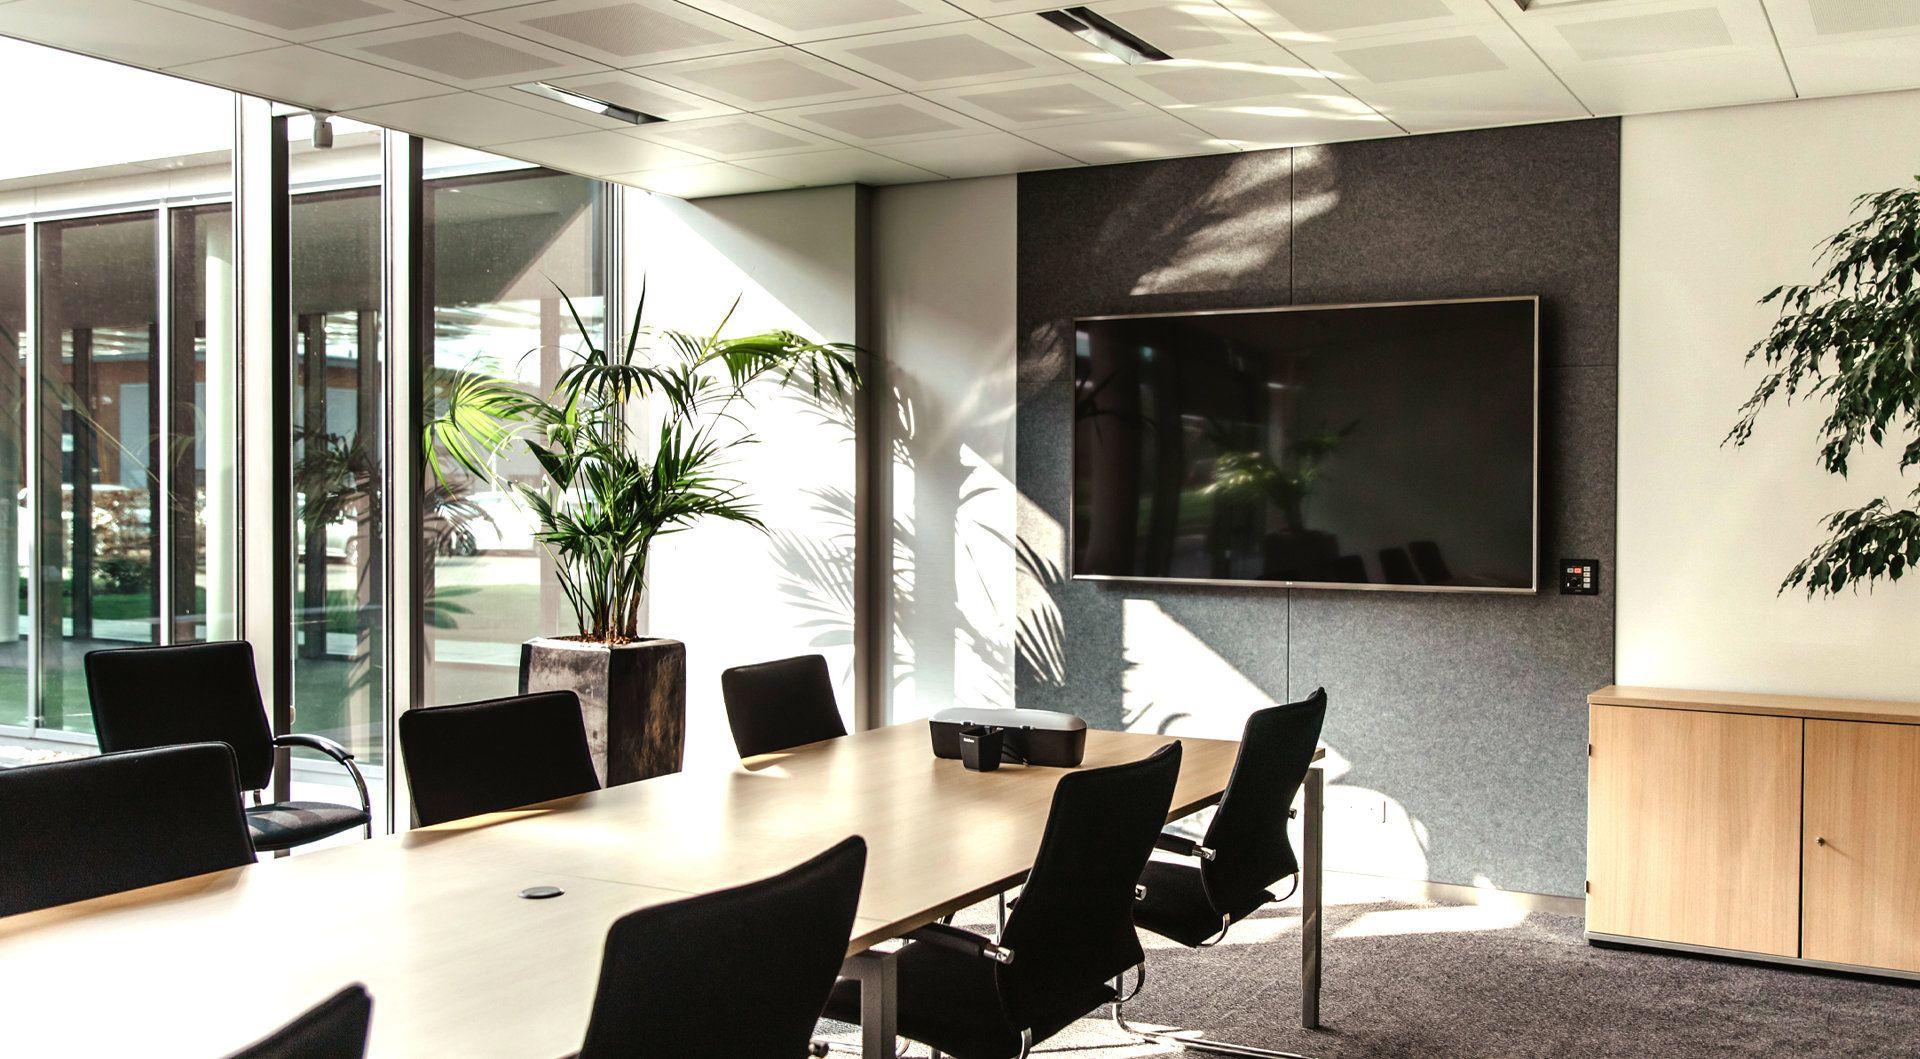 """Projecta Compact Electrol 138x180 Matte White S projectiescherm 2,13 m (84"""") 4:3 - Case studie de vries"""